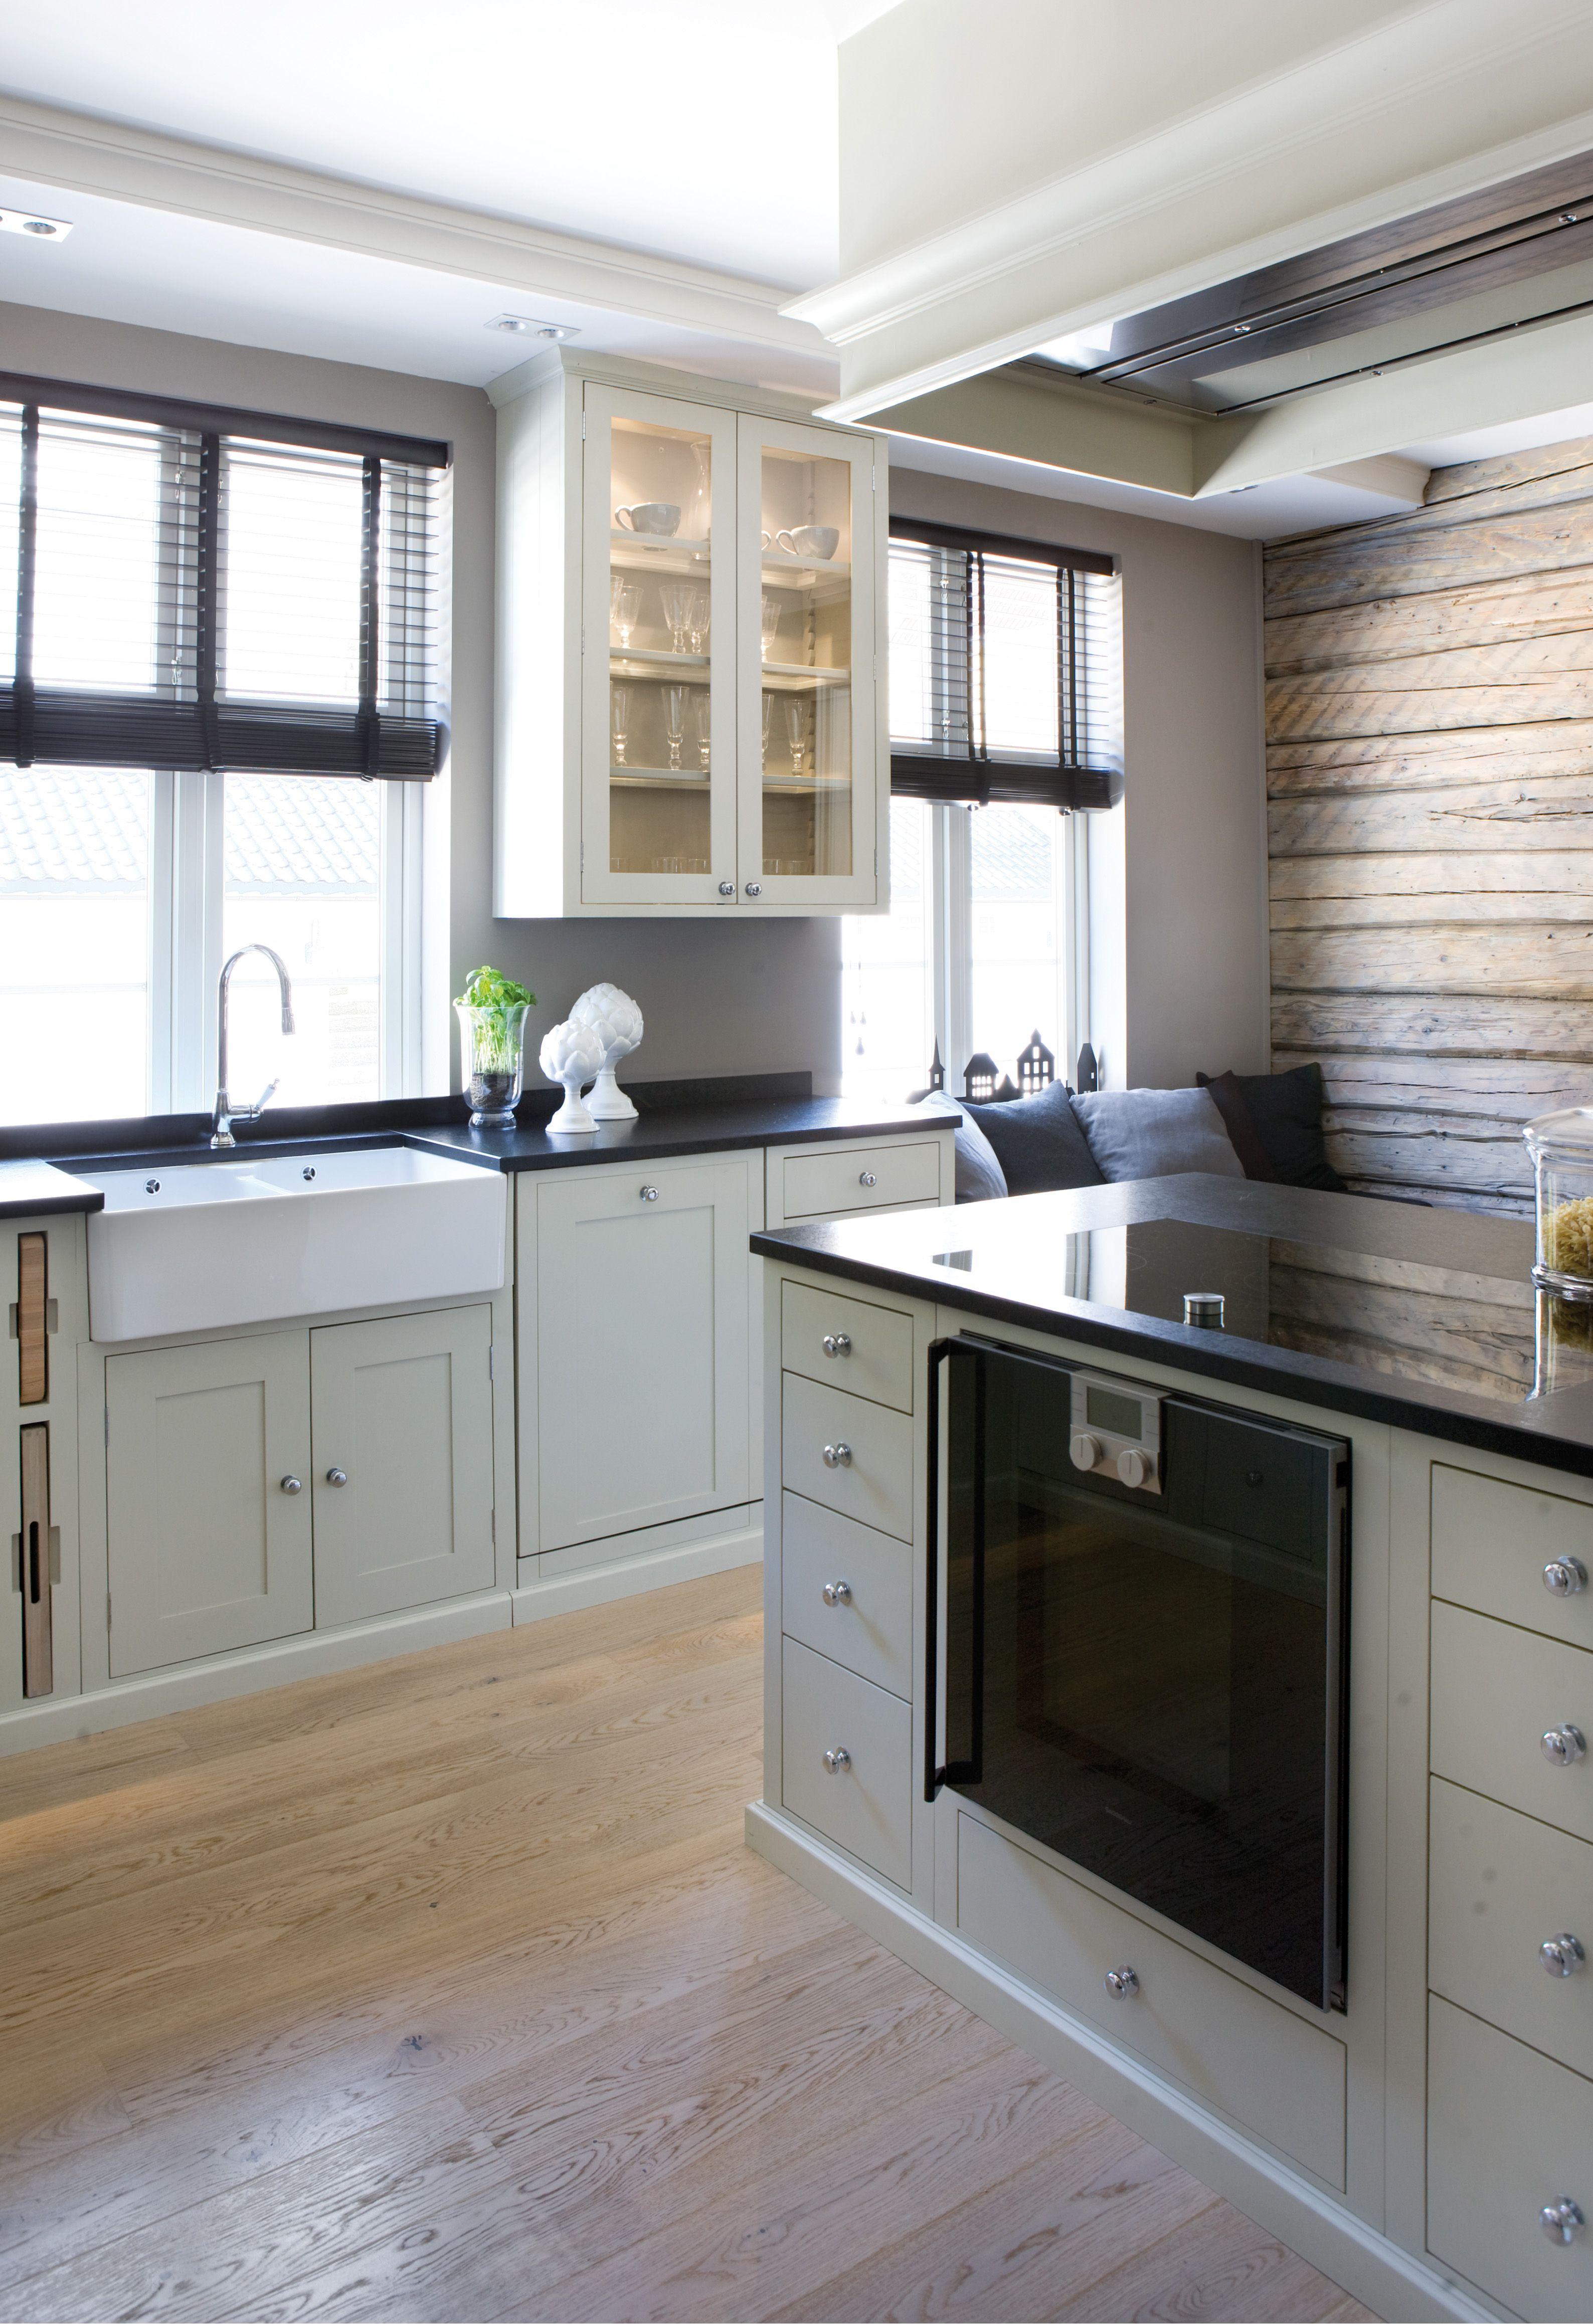 Neptune Suffolk kitchen  Haus in 2019  Haus kchen Landhauskche und Kche